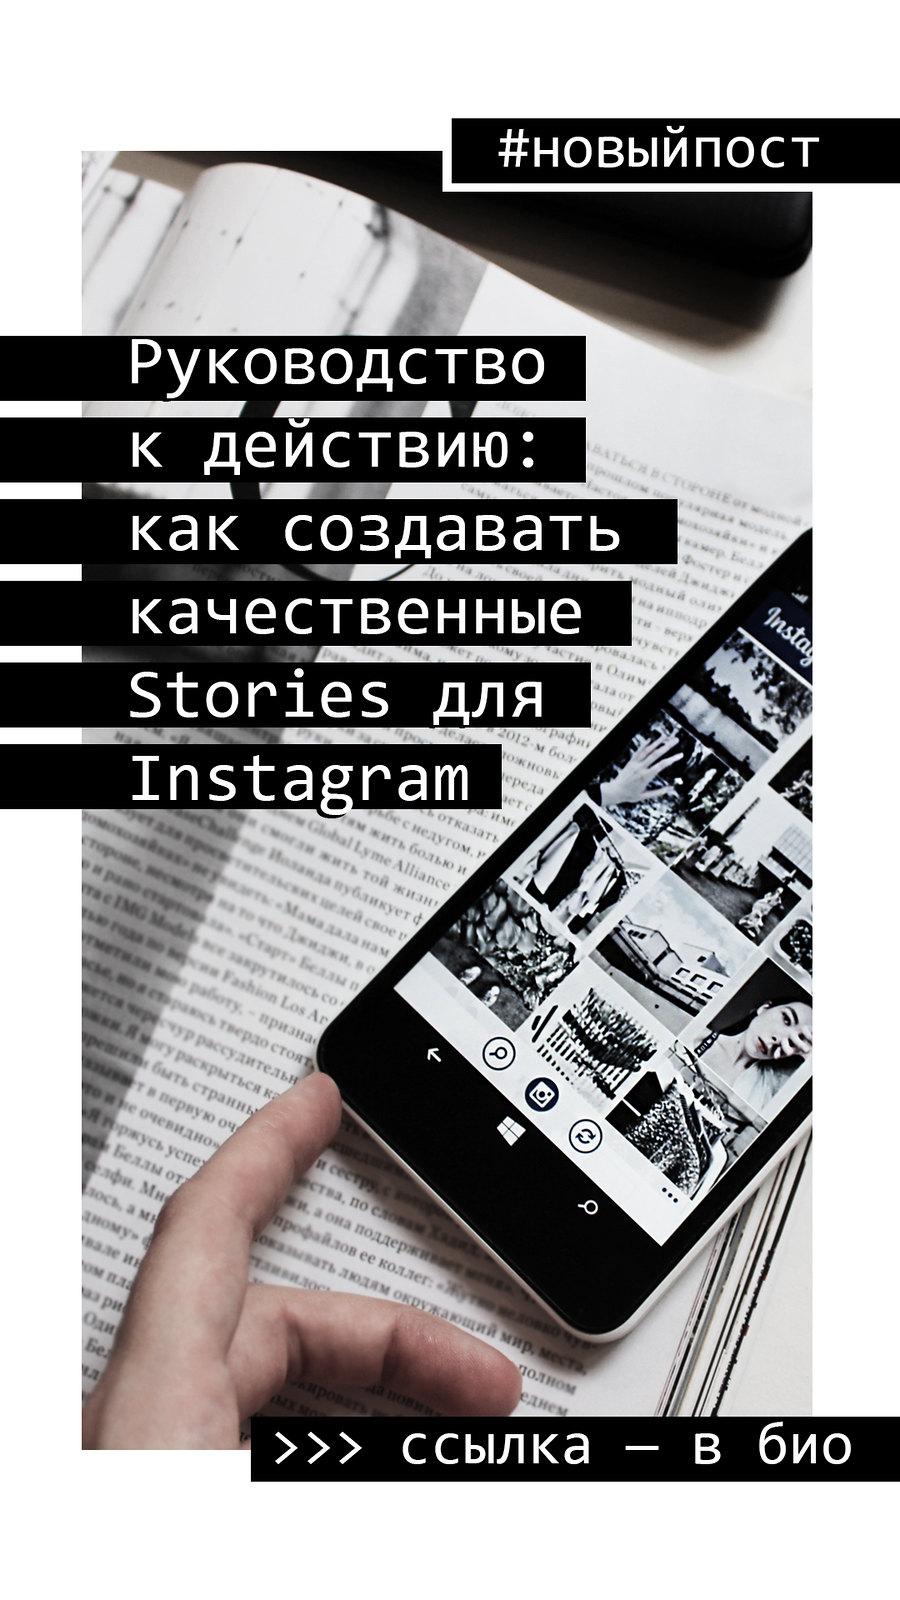 Как создавать качественные Stories для Instagram: простые рекомендации по оформлению 9ol,m